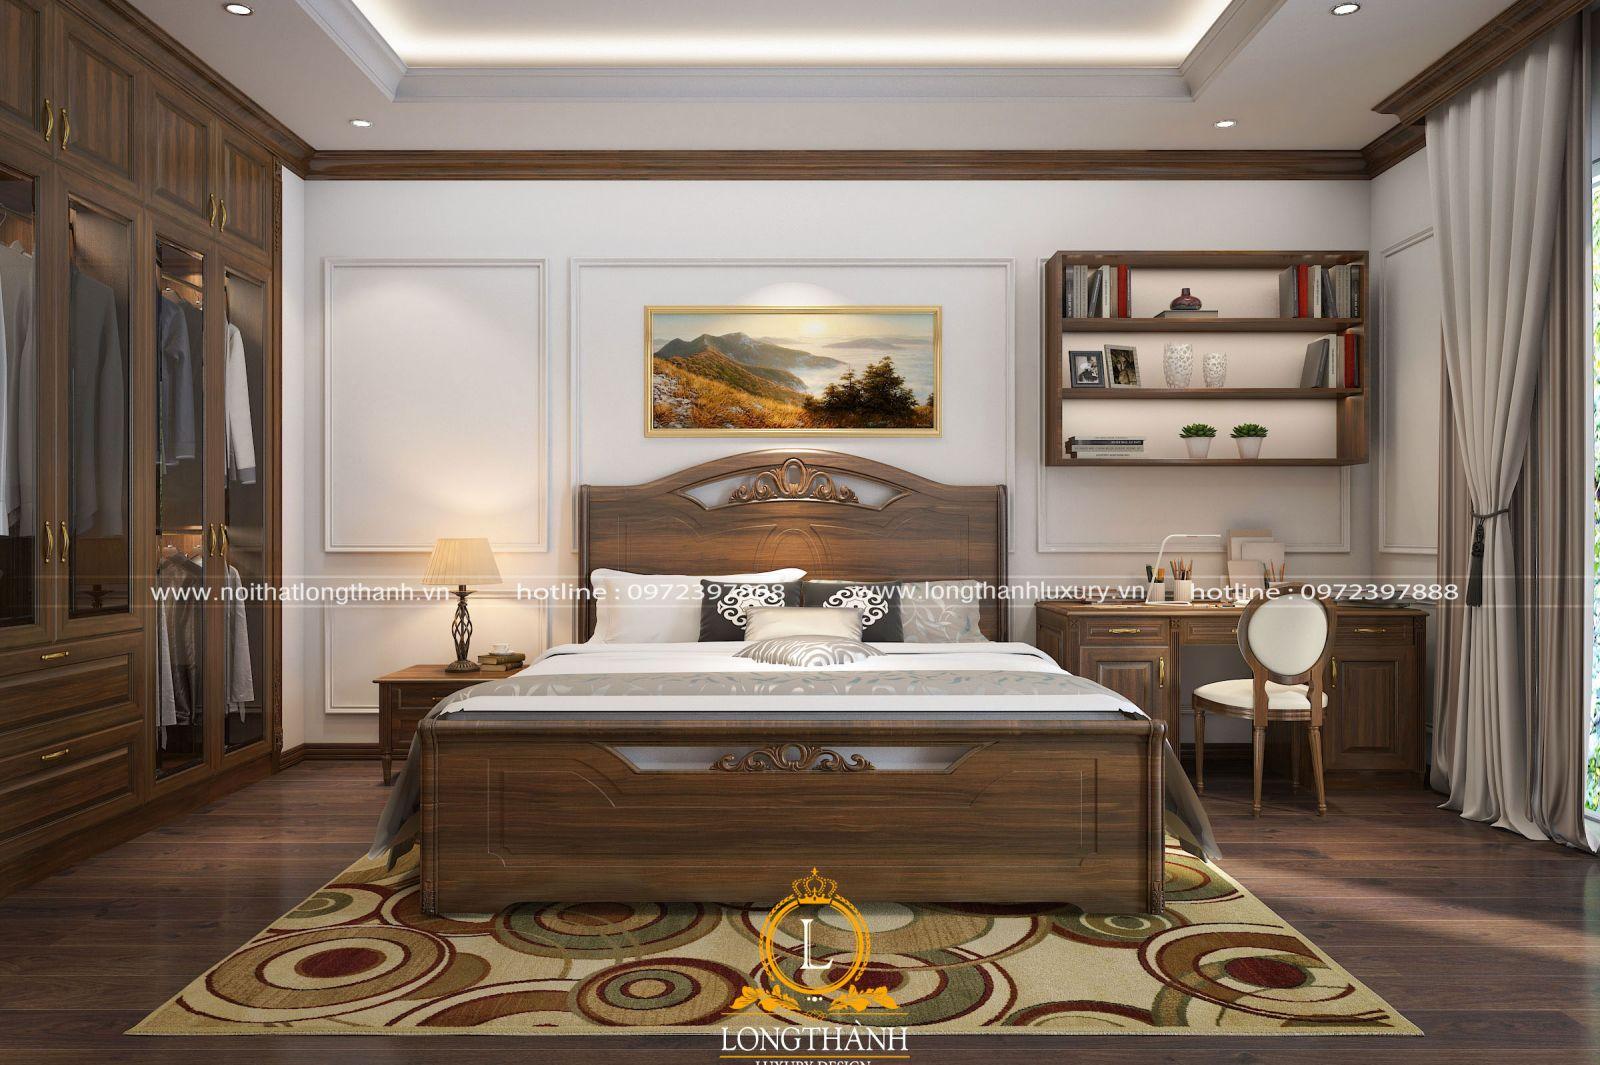 Chiếc giá sách treo tường giúp tận dụng diện tích không gian phòng ngủ 15m2